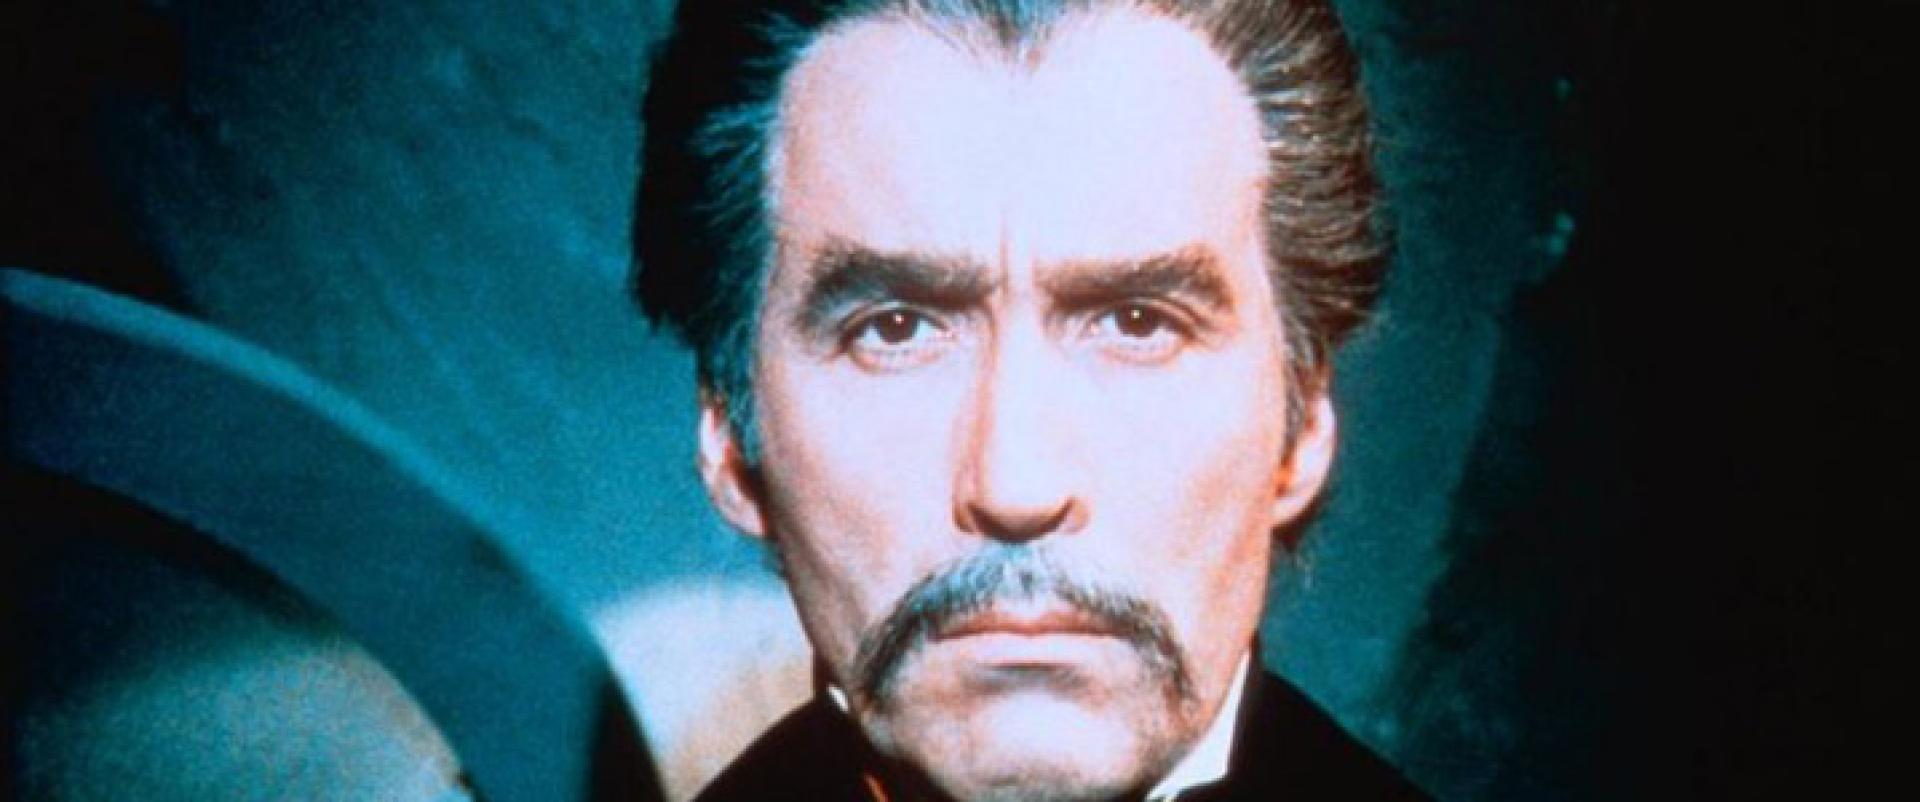 Nachts, wenn Dracula erwacht - Drakula gróf (1970)